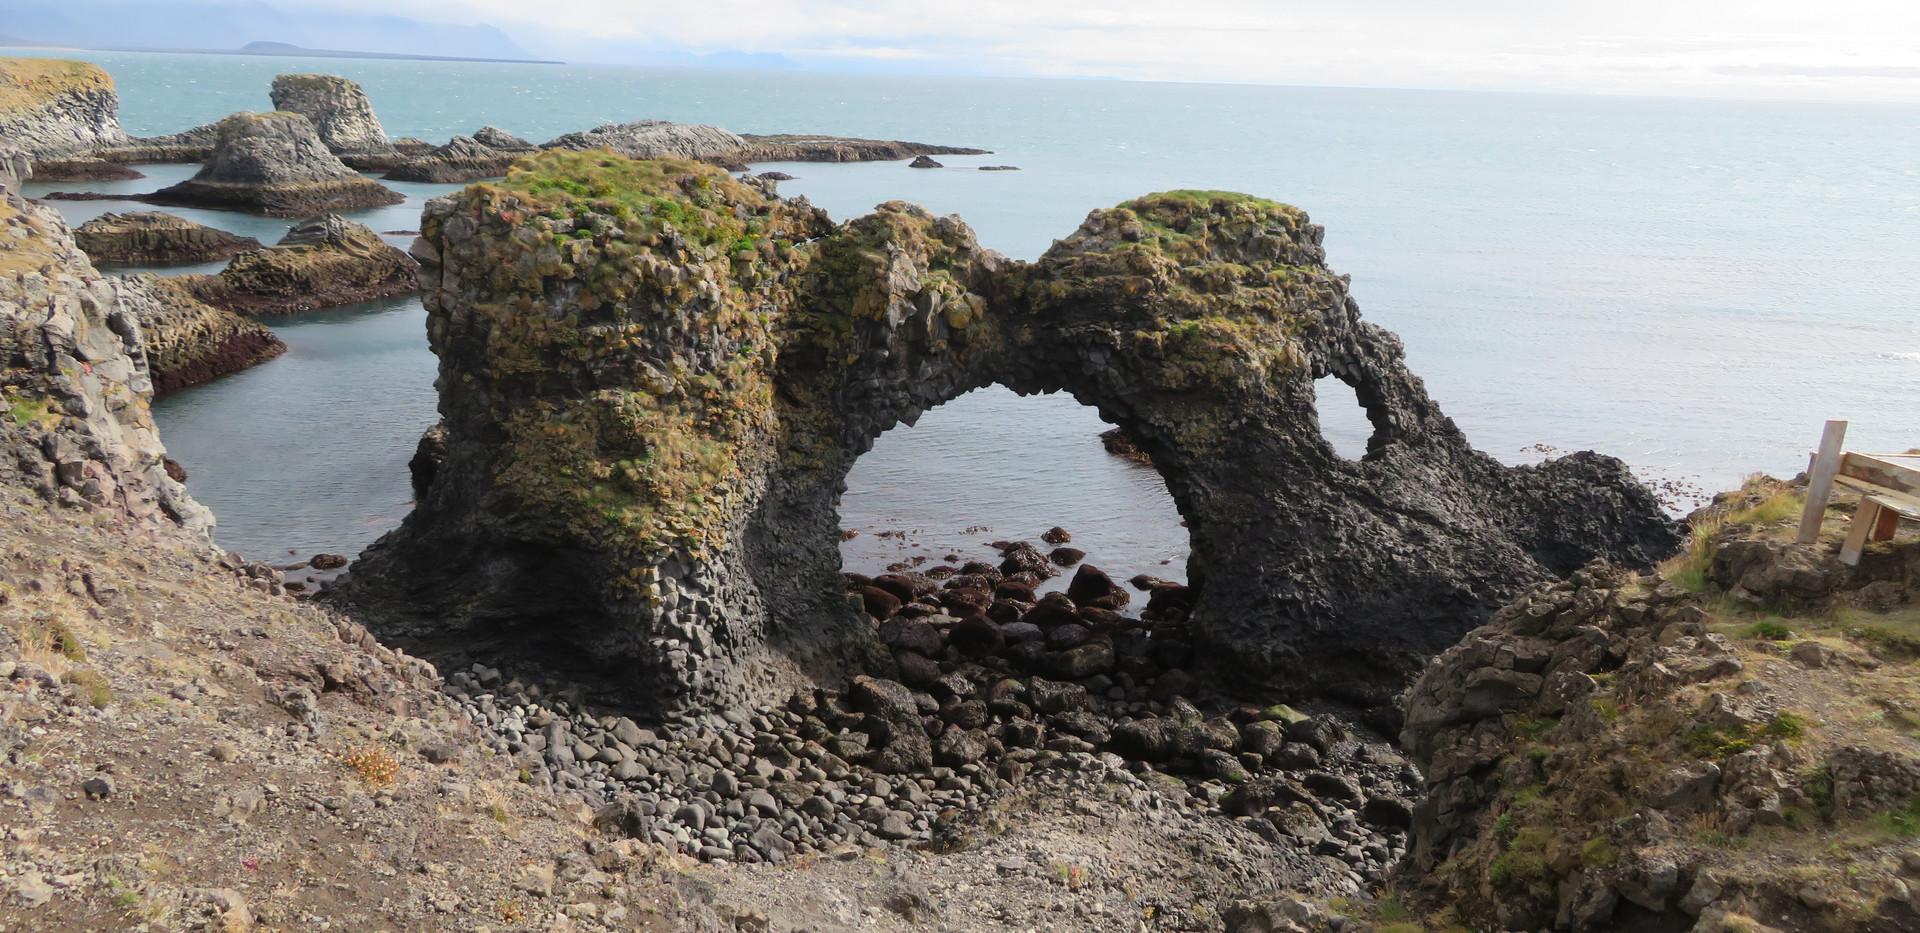 2019_Iceland_Snæfellsnes_Peninsula_Gatkl